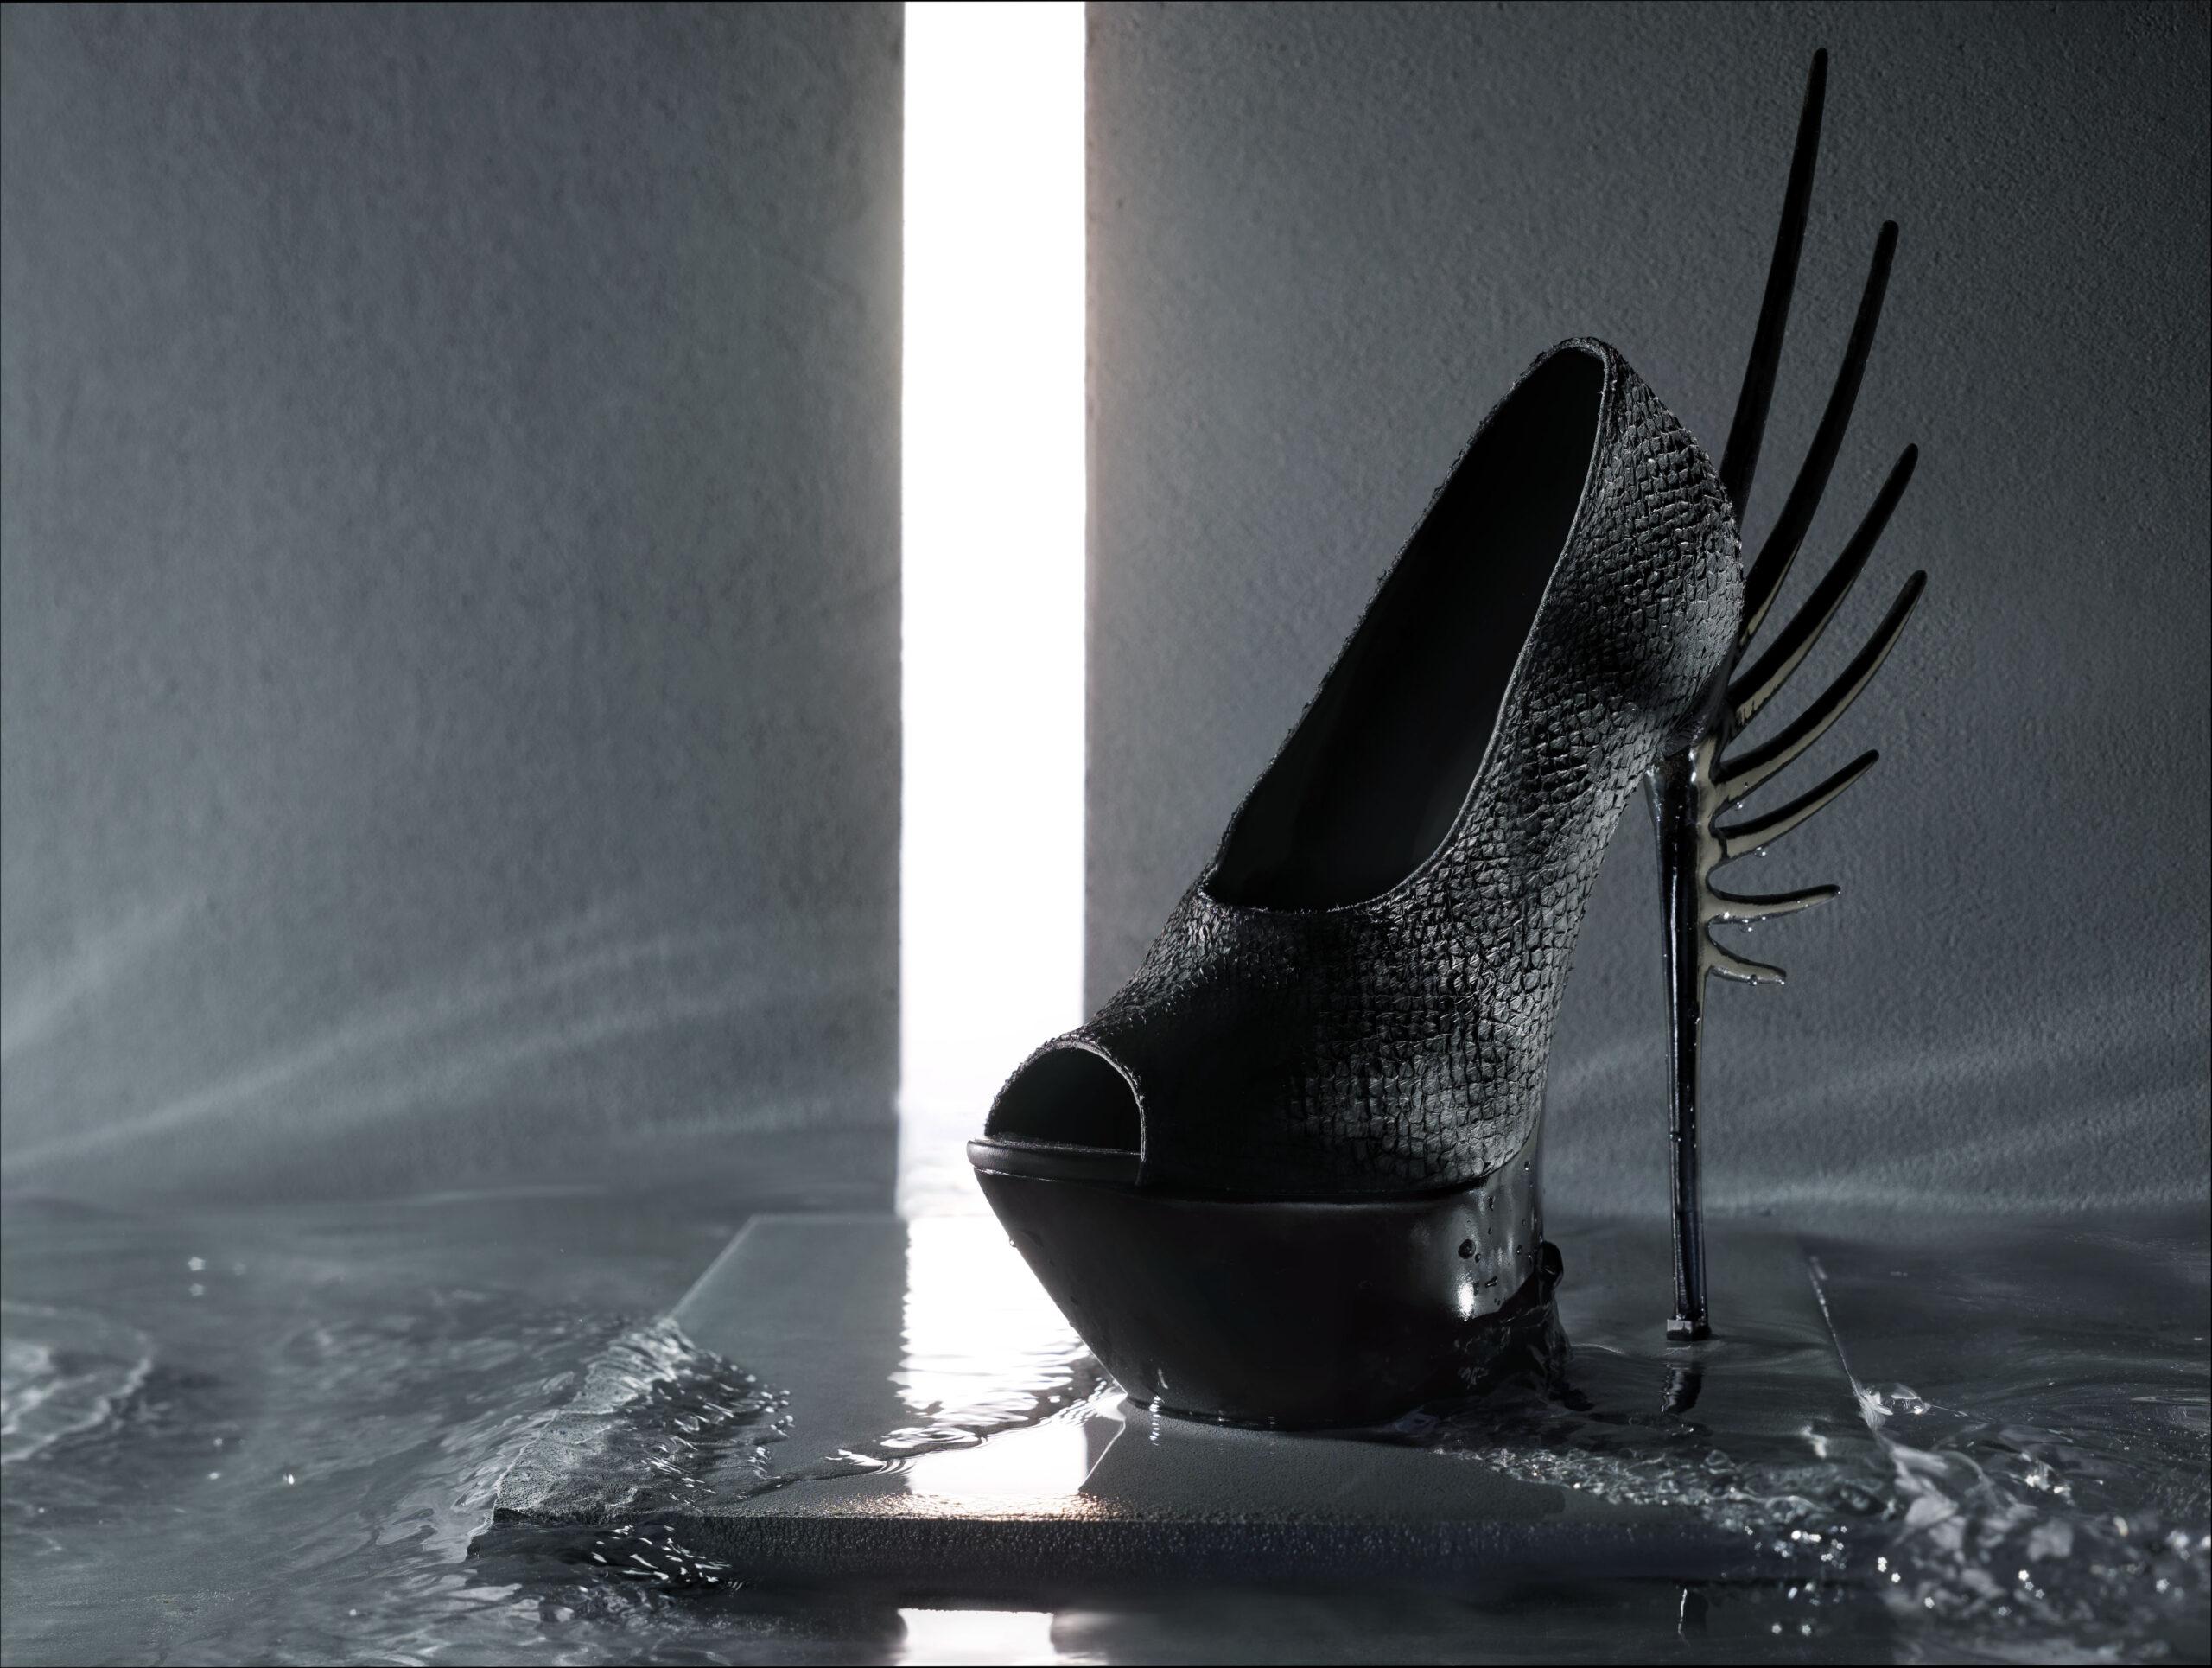 Black salmon skin leather shoe, design van Quint Verhaart, fotografie door STUDIO_M